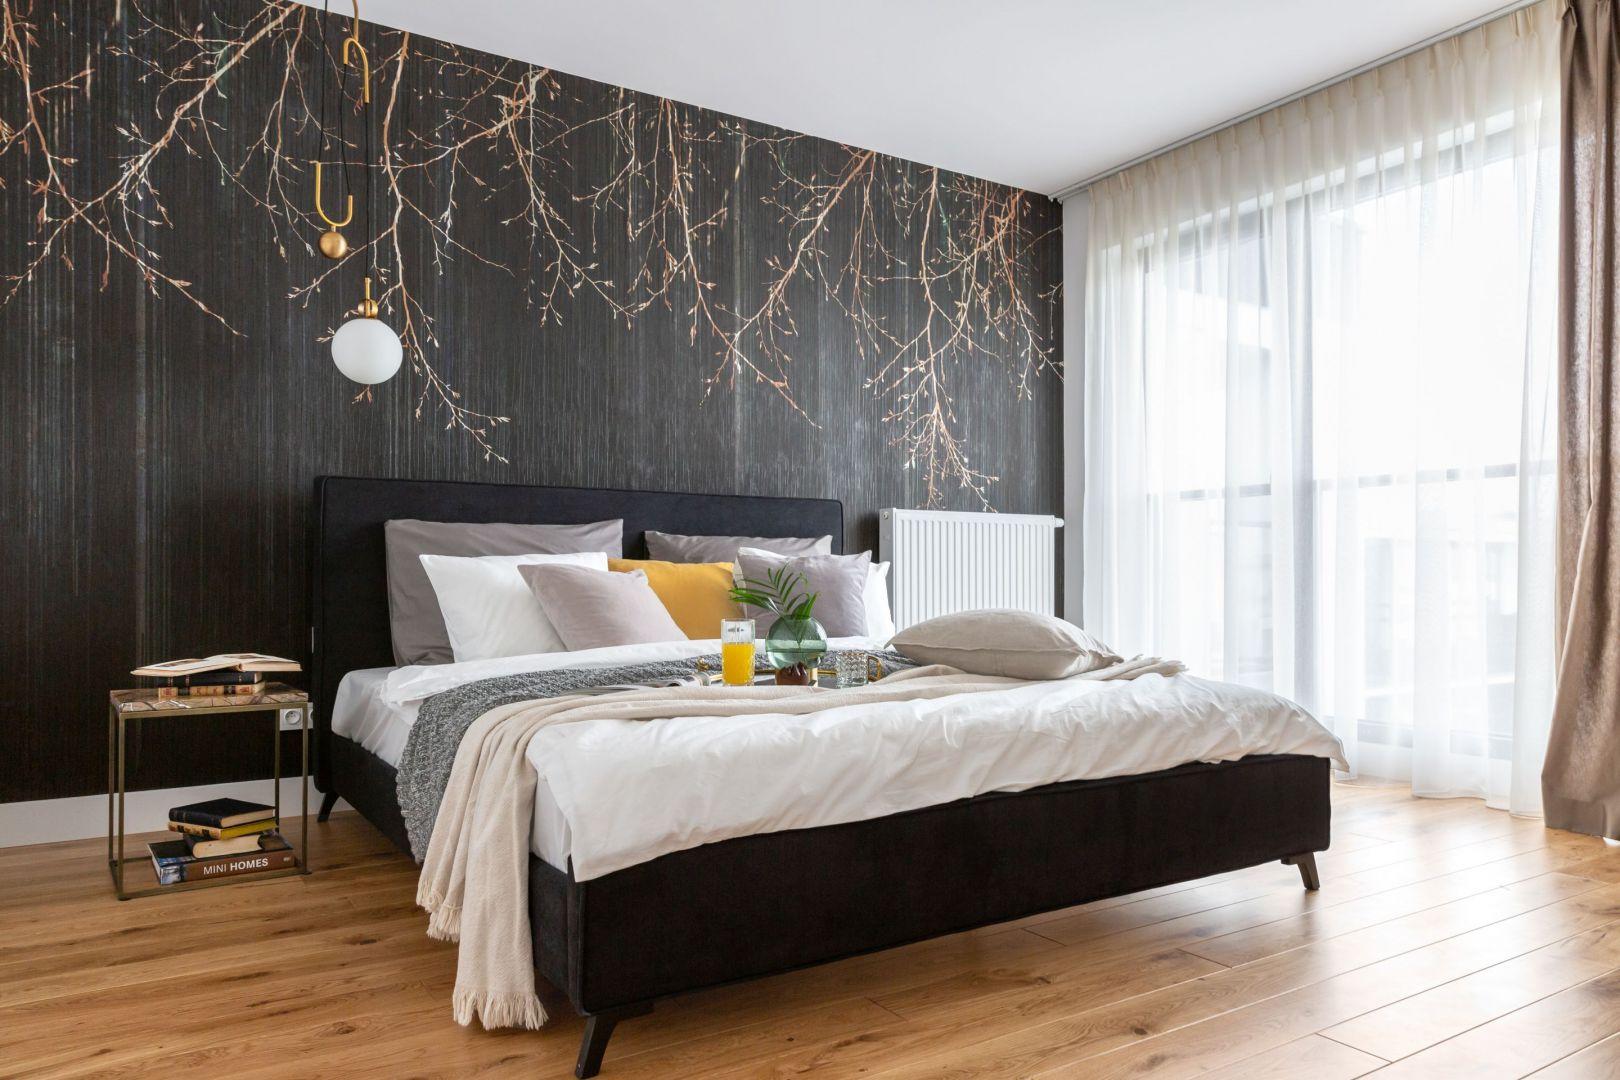 Sypialnia to miejsce, w którym powinna dominować jednolita kolorystyka, pozwalająca odpocząć oczom. Projekt Decoroom. Fot. Pion Poziom